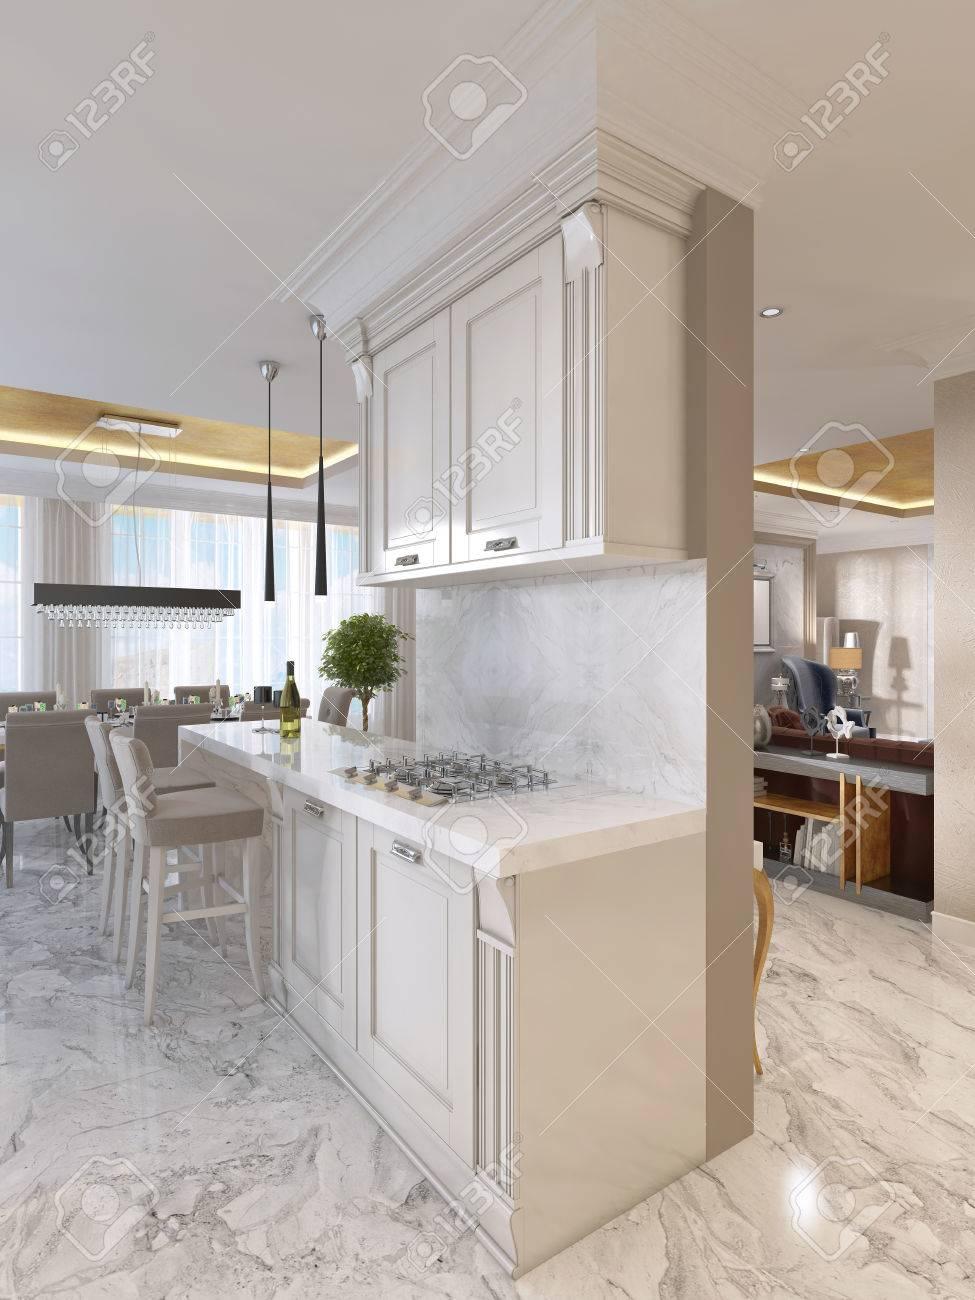 Cuisine de luxe avec des meubles opalin style art déco. Avec bar et  tabourets de bar. Intégré dans les appareils de cuisine. Rendu 20D.